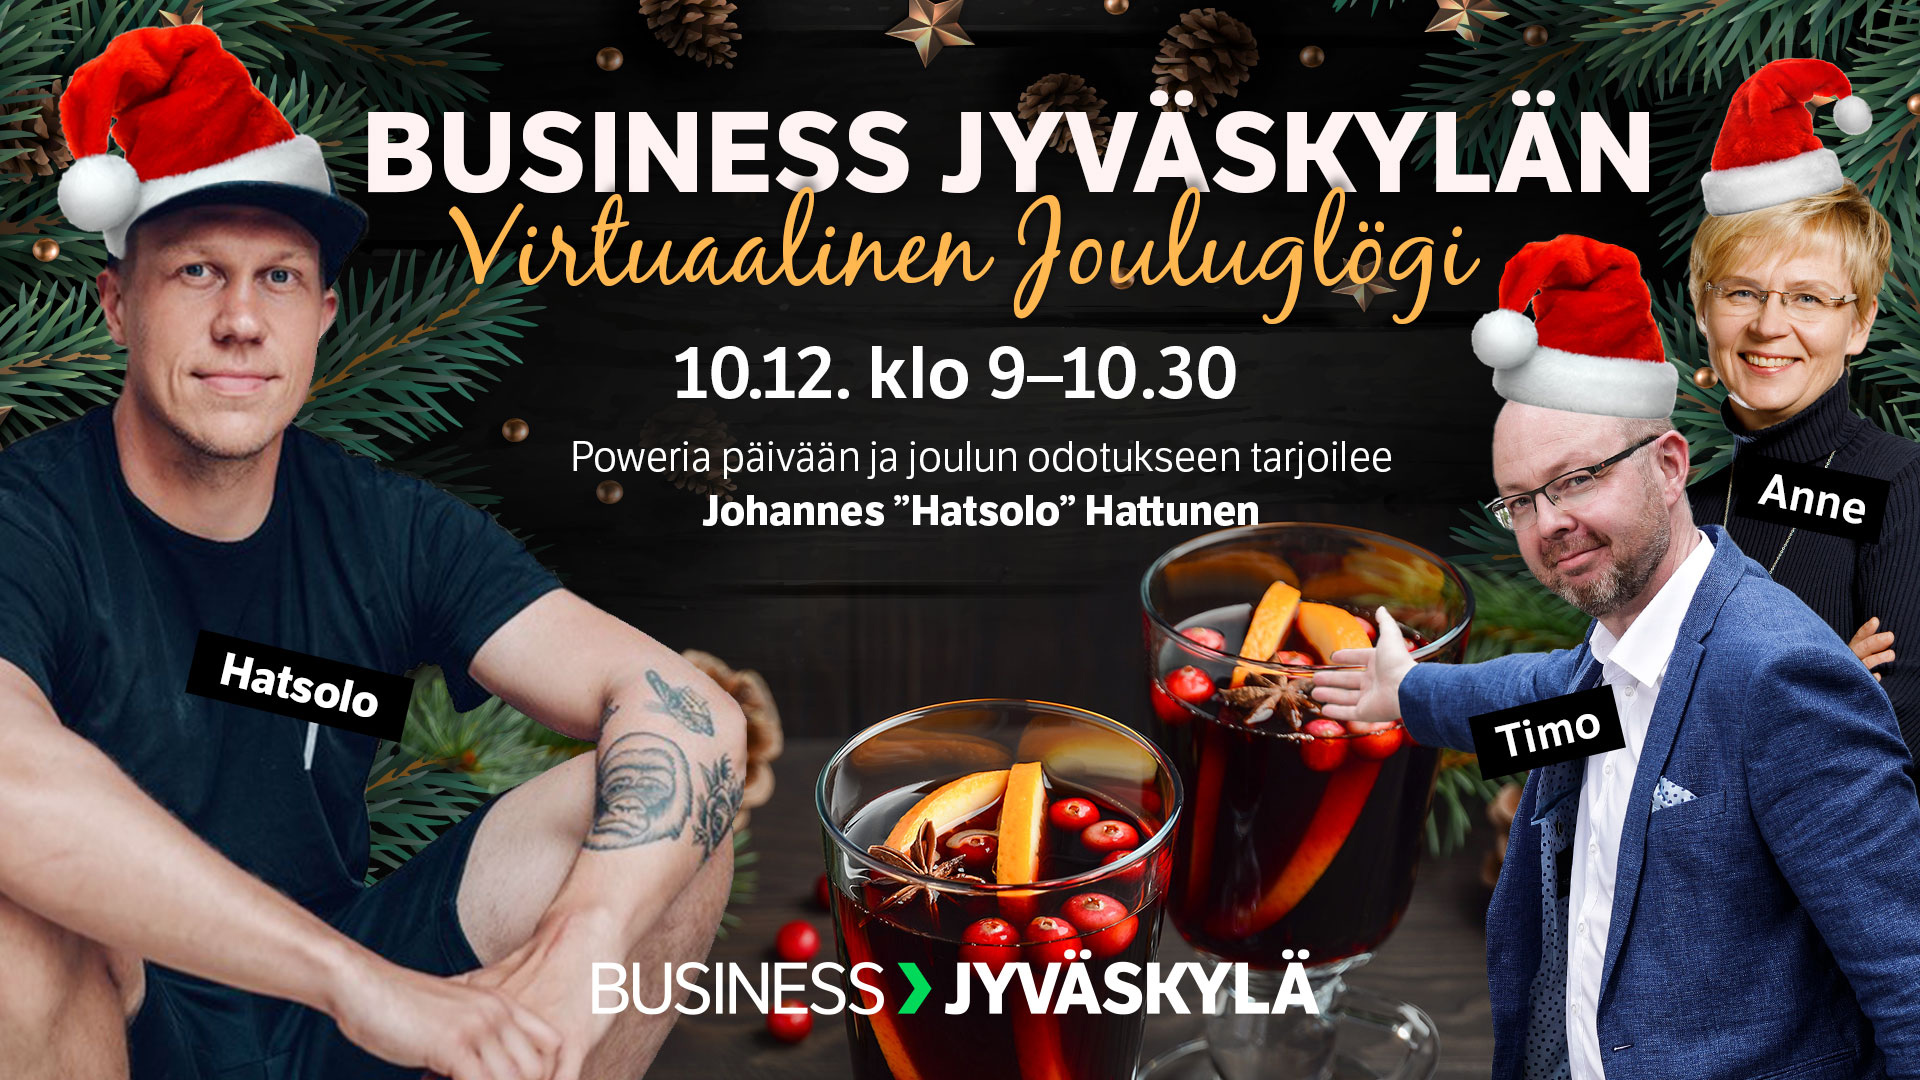 Business Jyväskylän Virtuaalinen Jouluglögi 10.12.